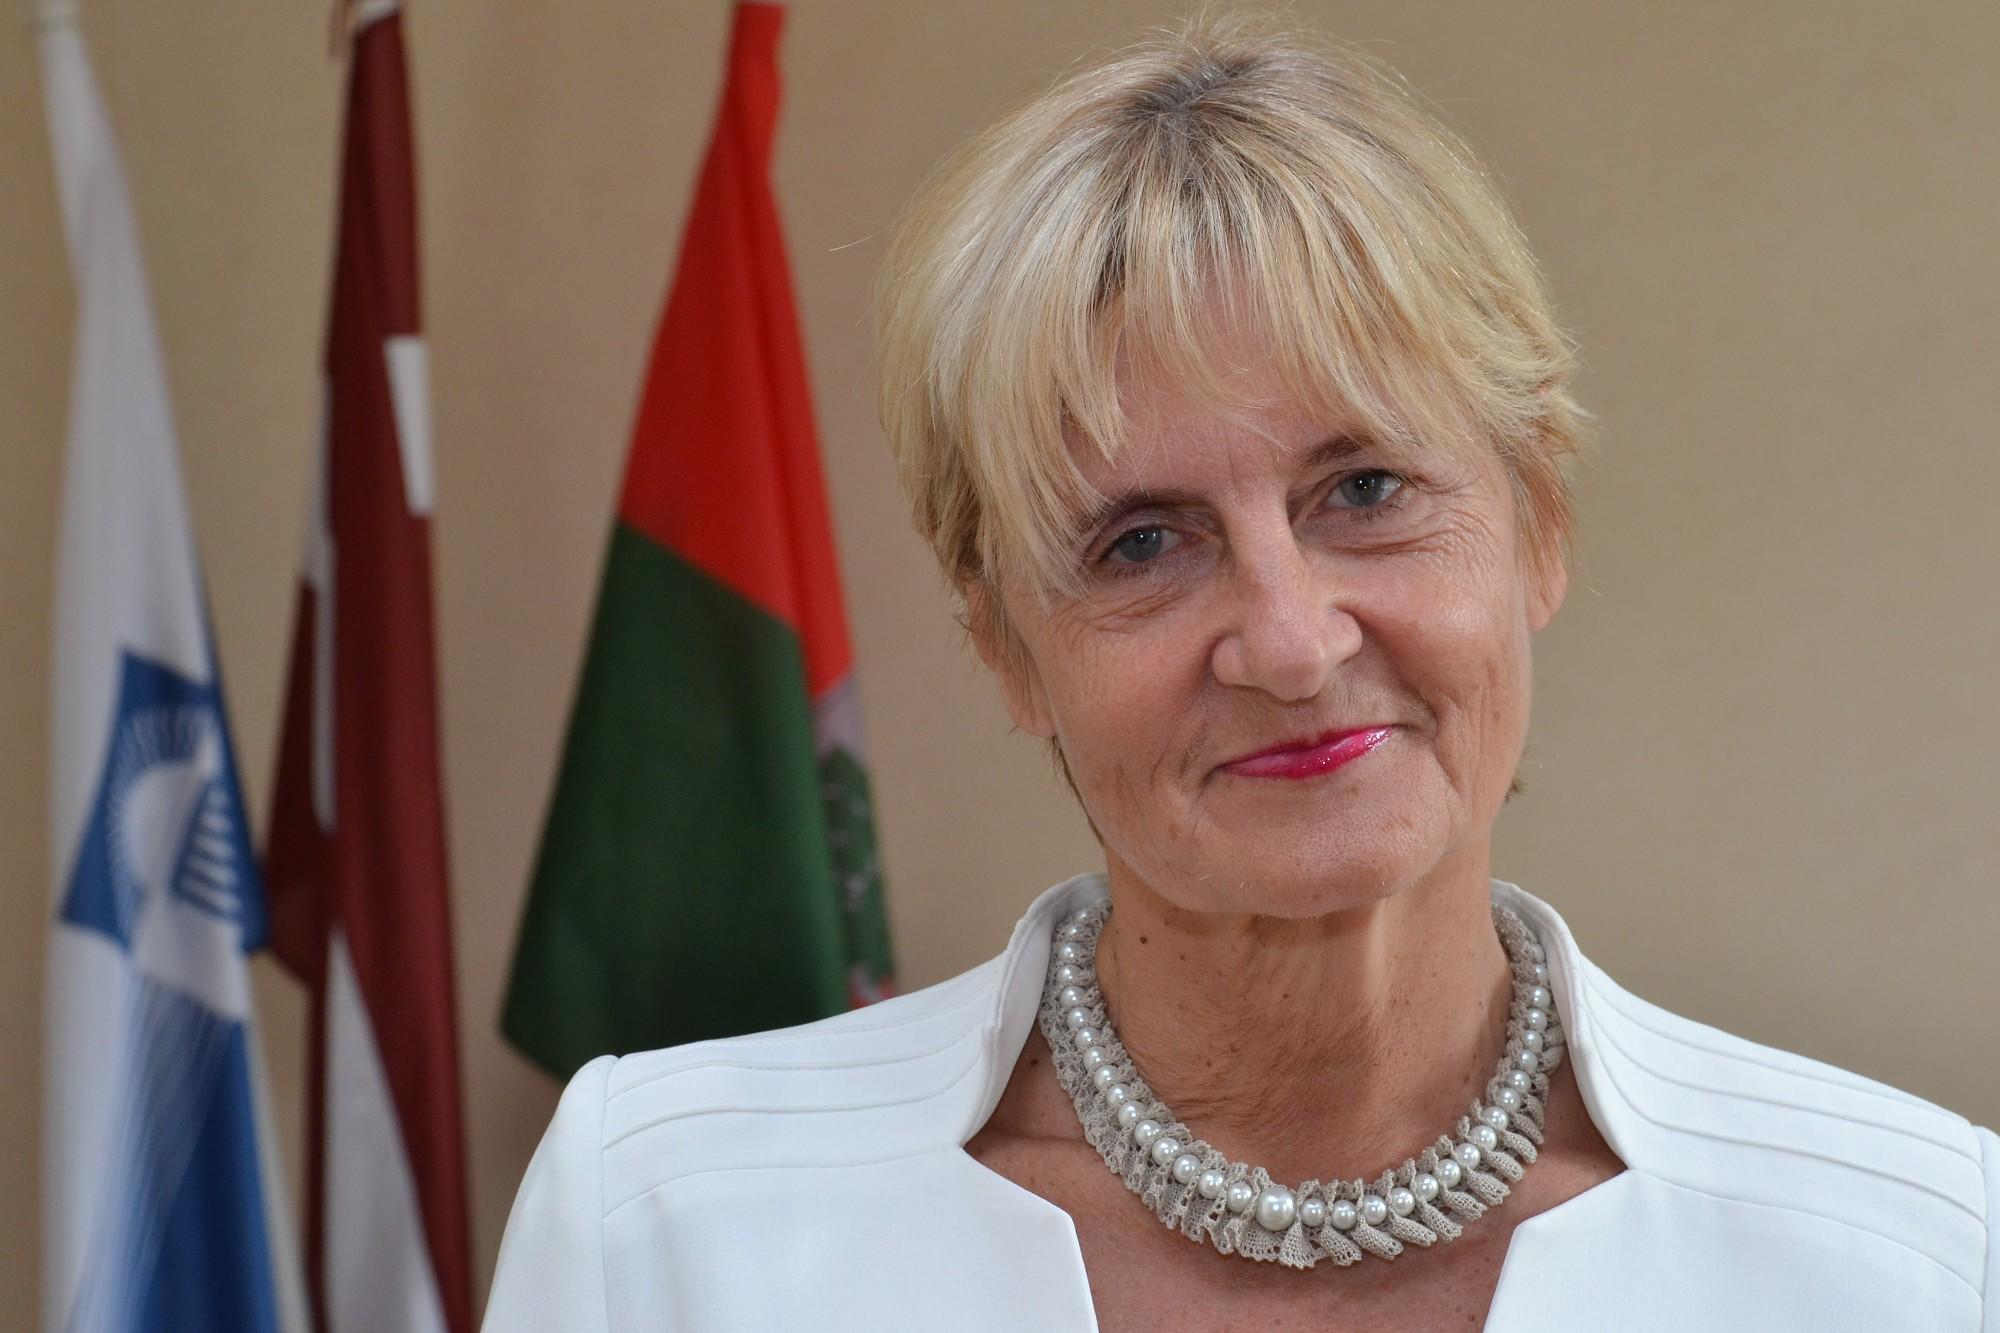 Lai izvairītos no Covid-19 izplatības, Liepājas Universitātes rektore aicinājusi atteikties no ceļojumiem